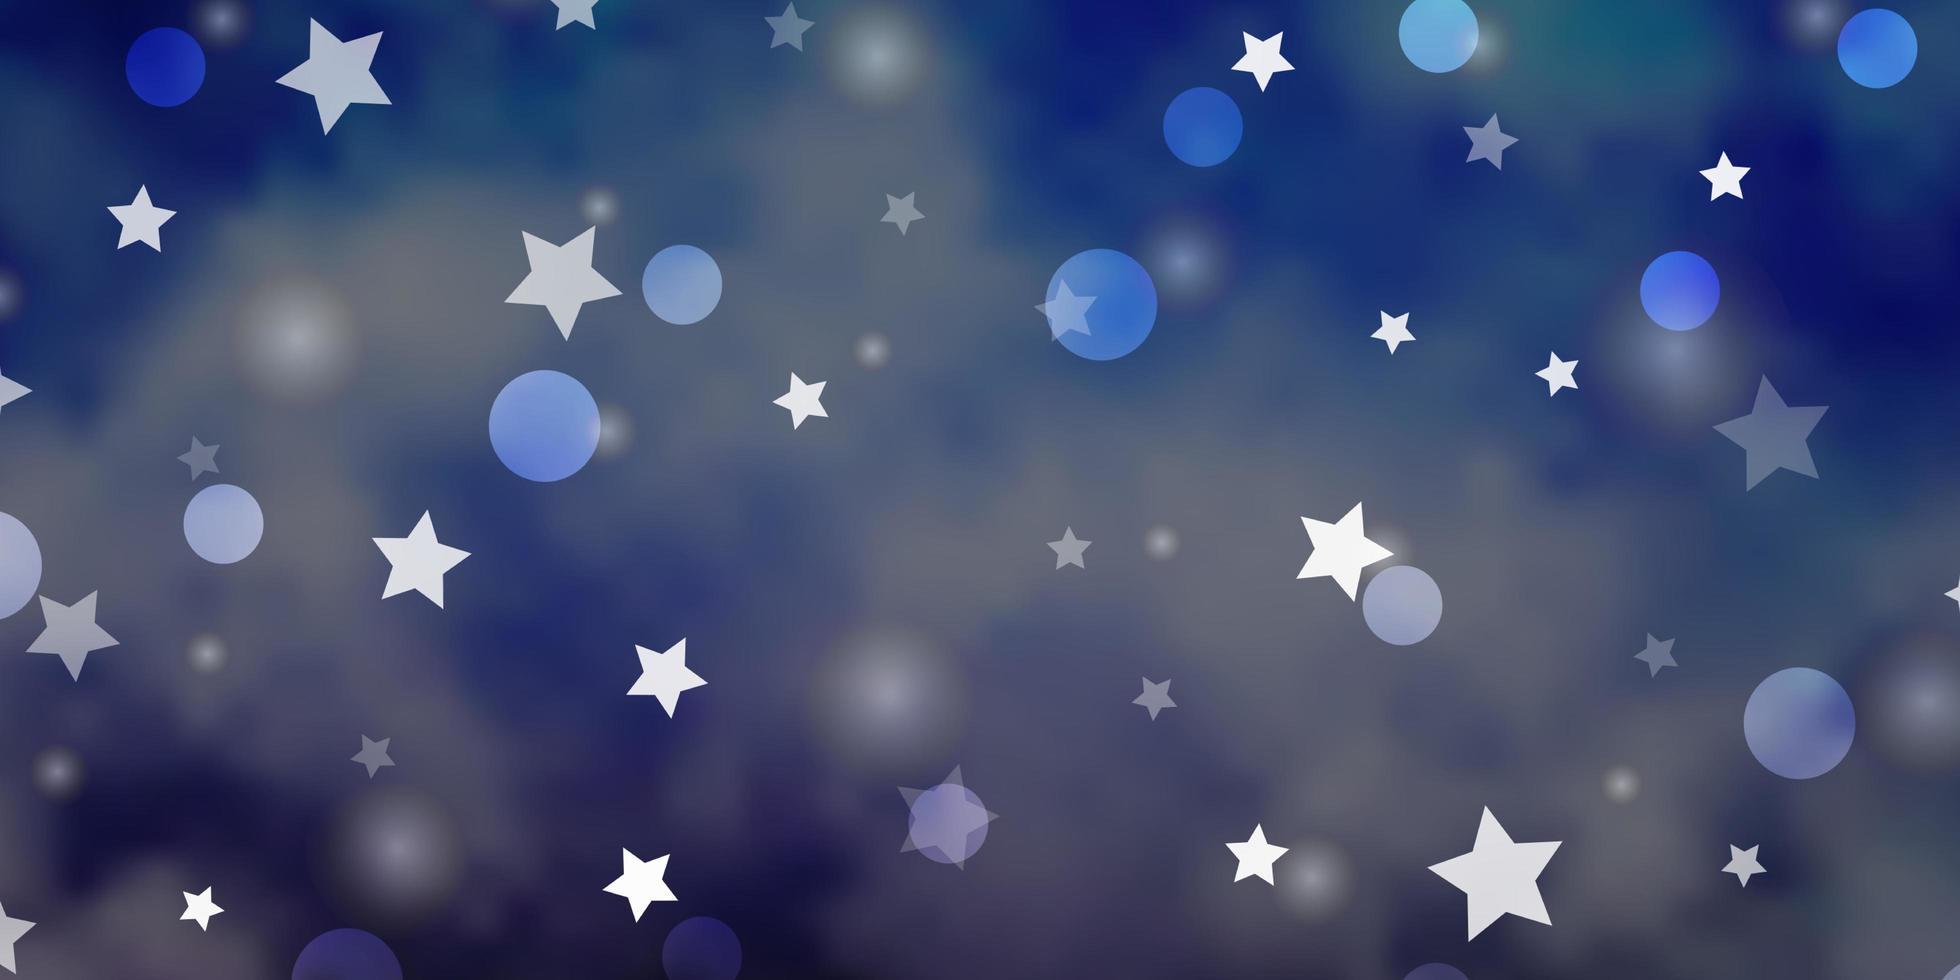 hellvioletter Vektorhintergrund mit Kreisen, Sternen. vektor